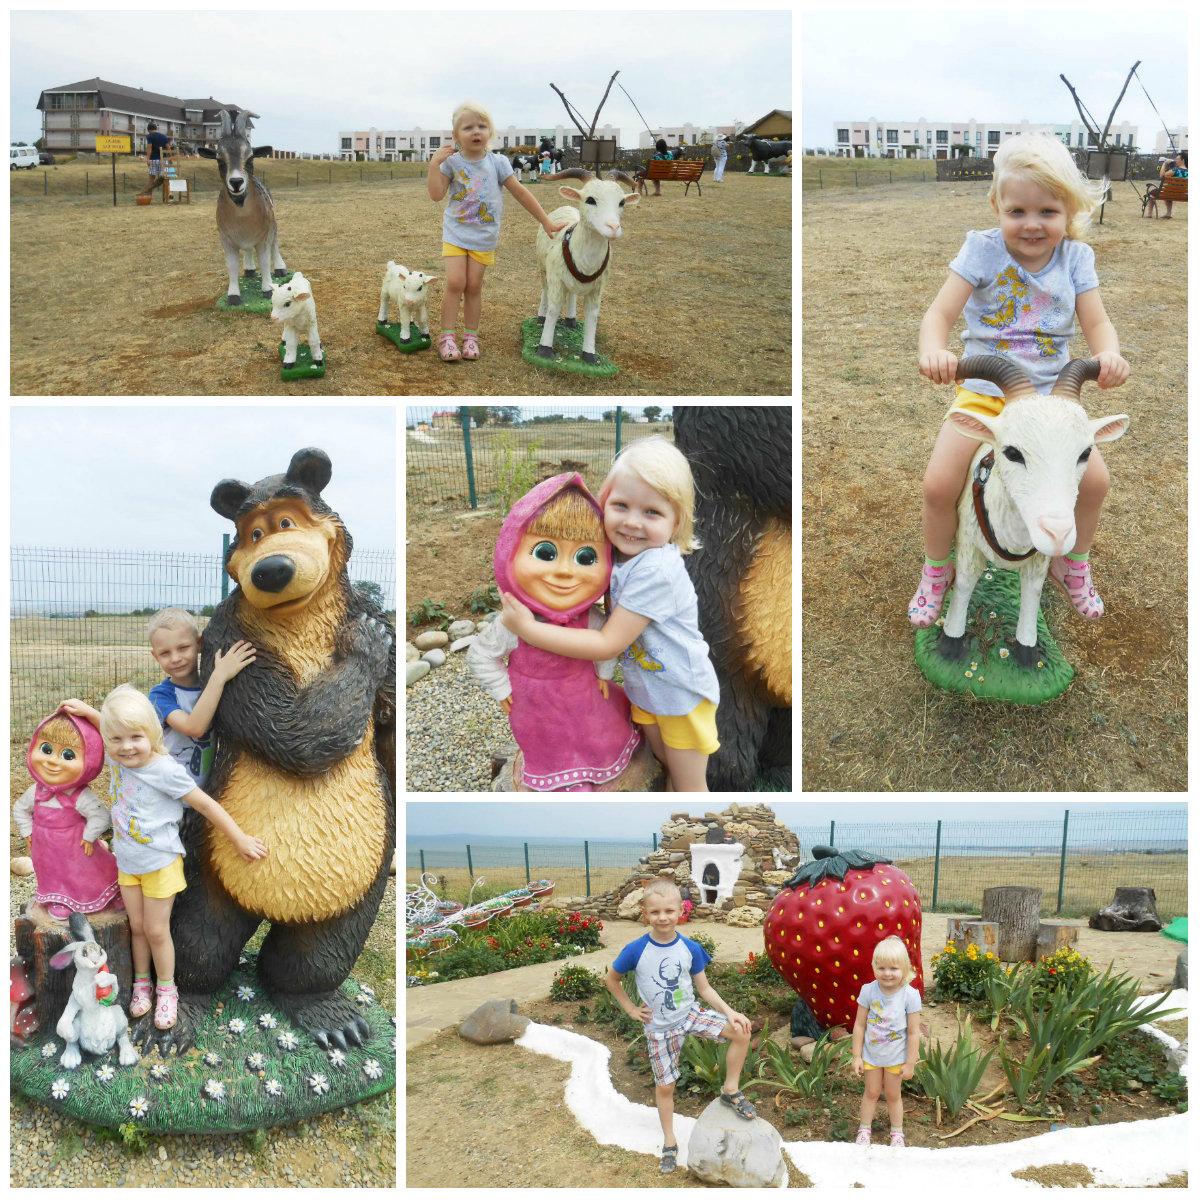 этнографический комплекс «Атамань», Маша и Медведь